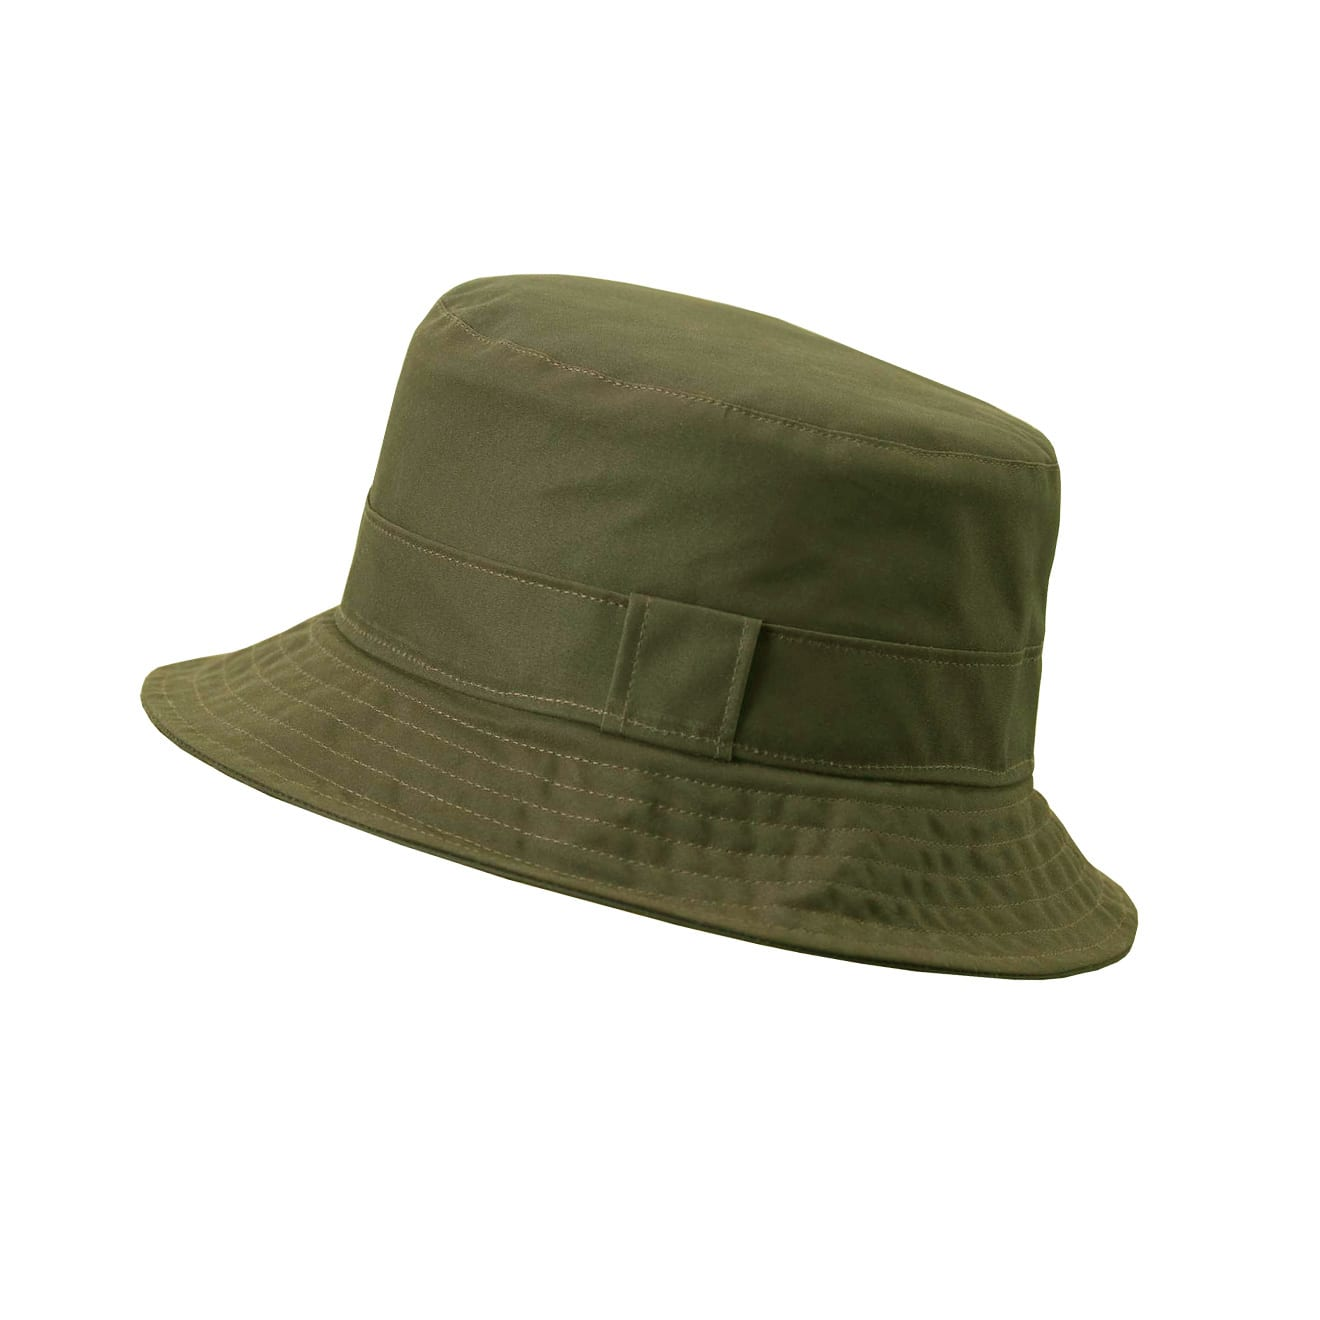 Fishermans Hat: James Purdey Waterproof Dry Wax Fishermans Hat